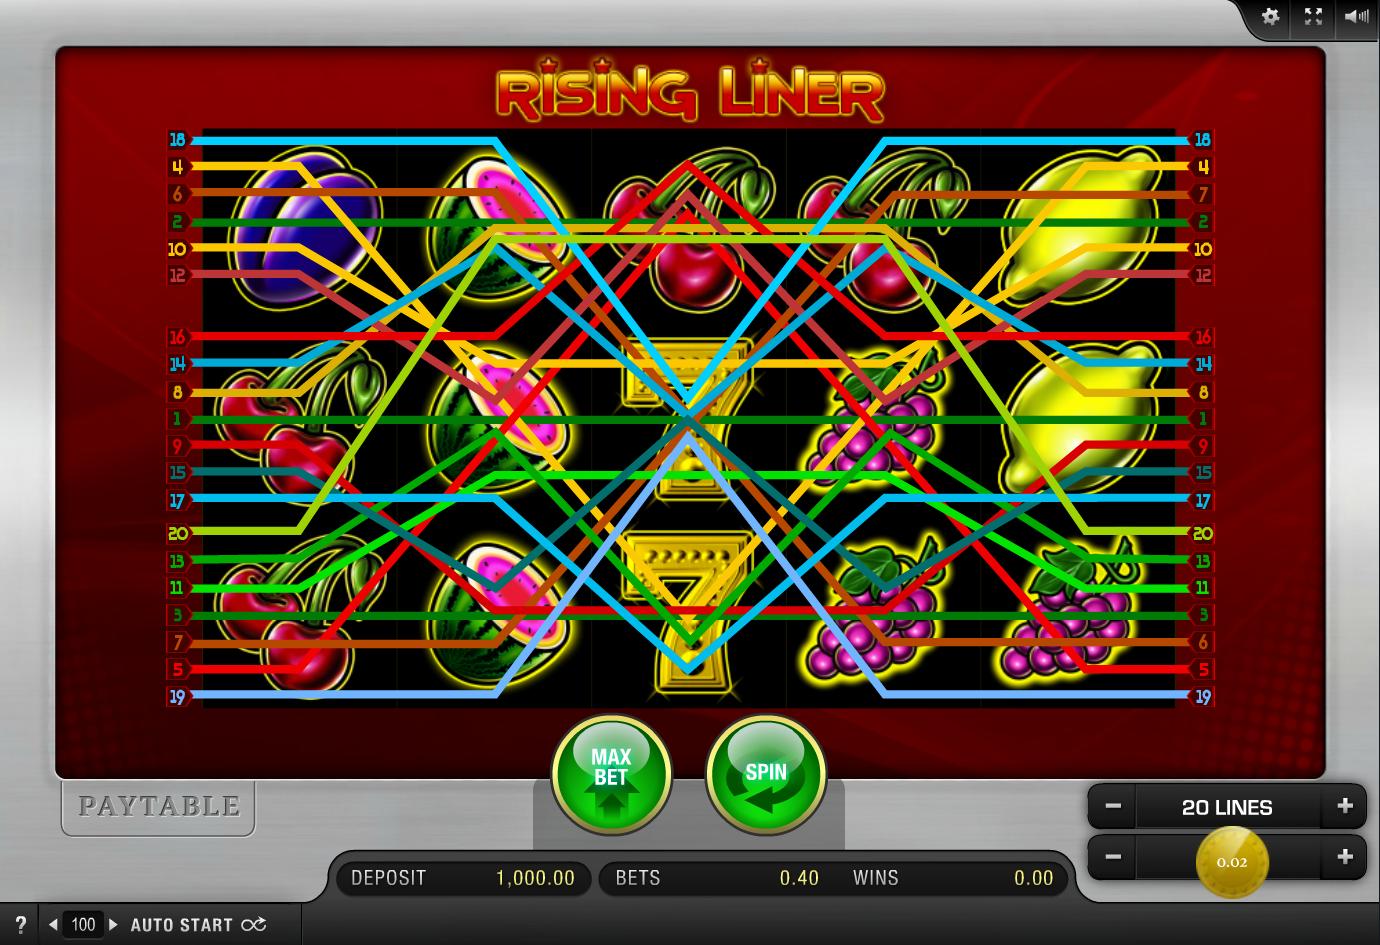 Rising Liner Slot - Spielen Sie dieses Spiel von Merkur Online